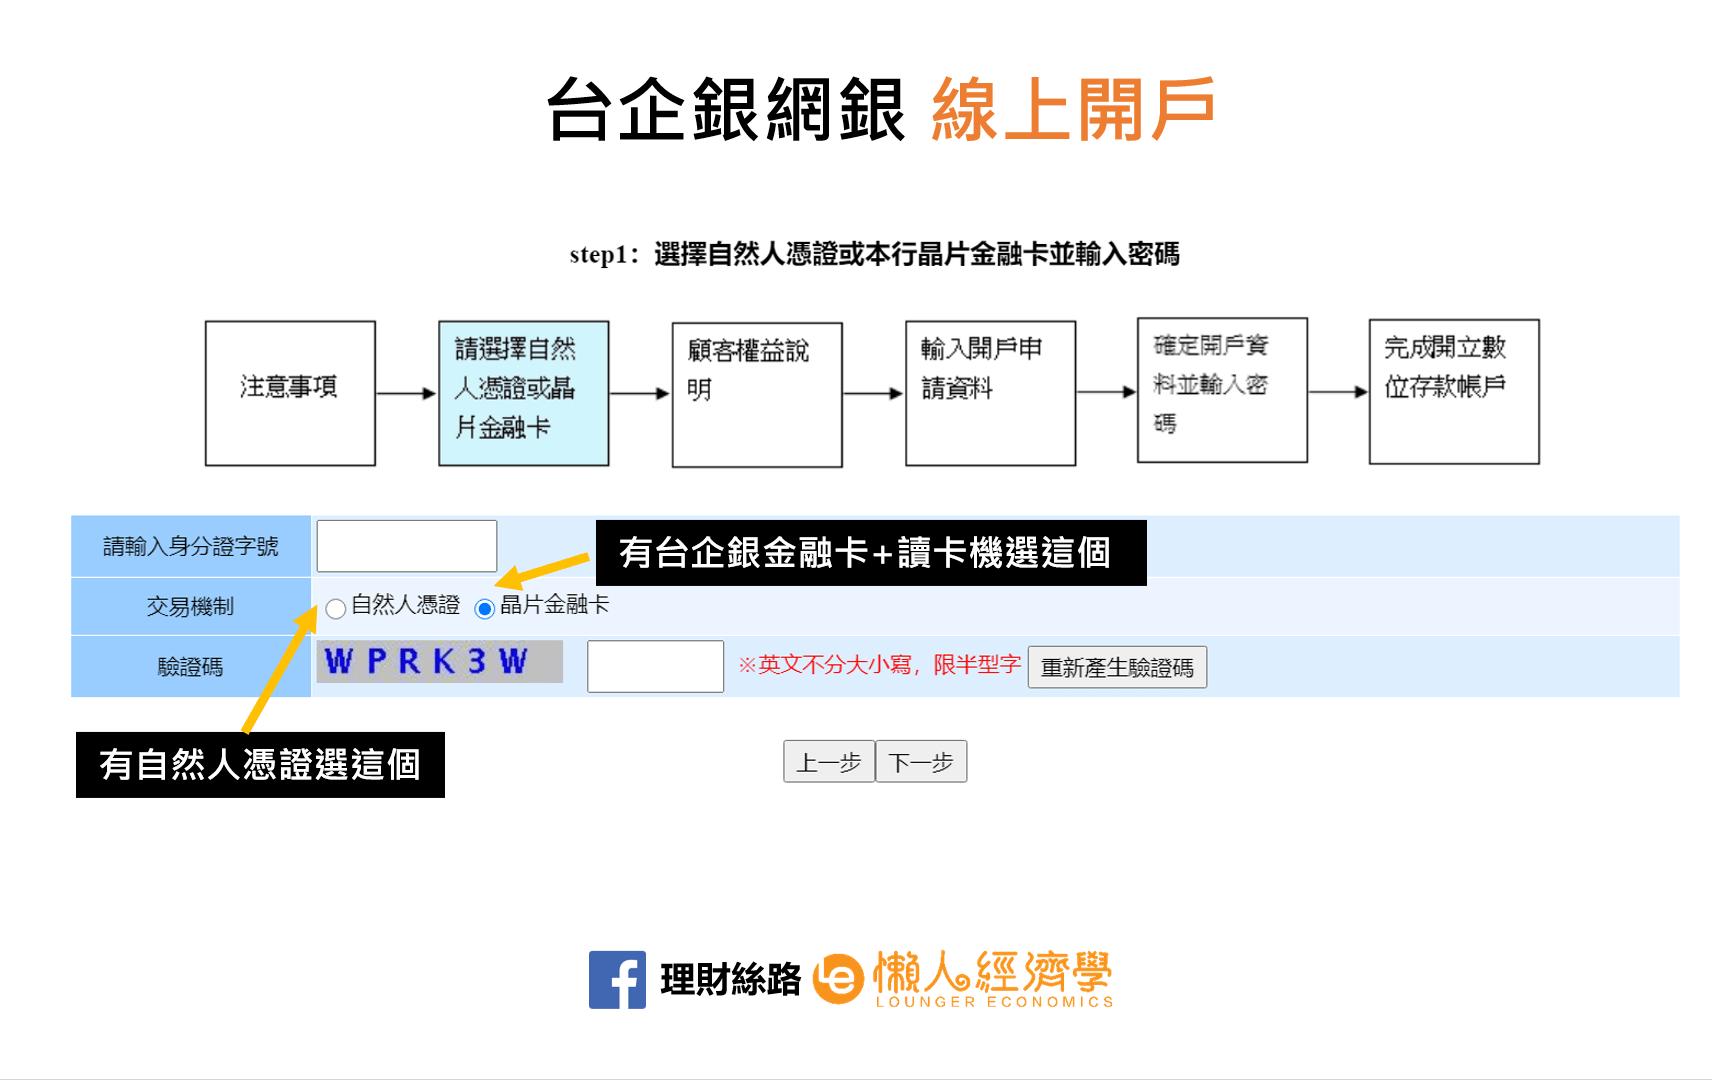 台企銀數位帳戶開戶教學-1